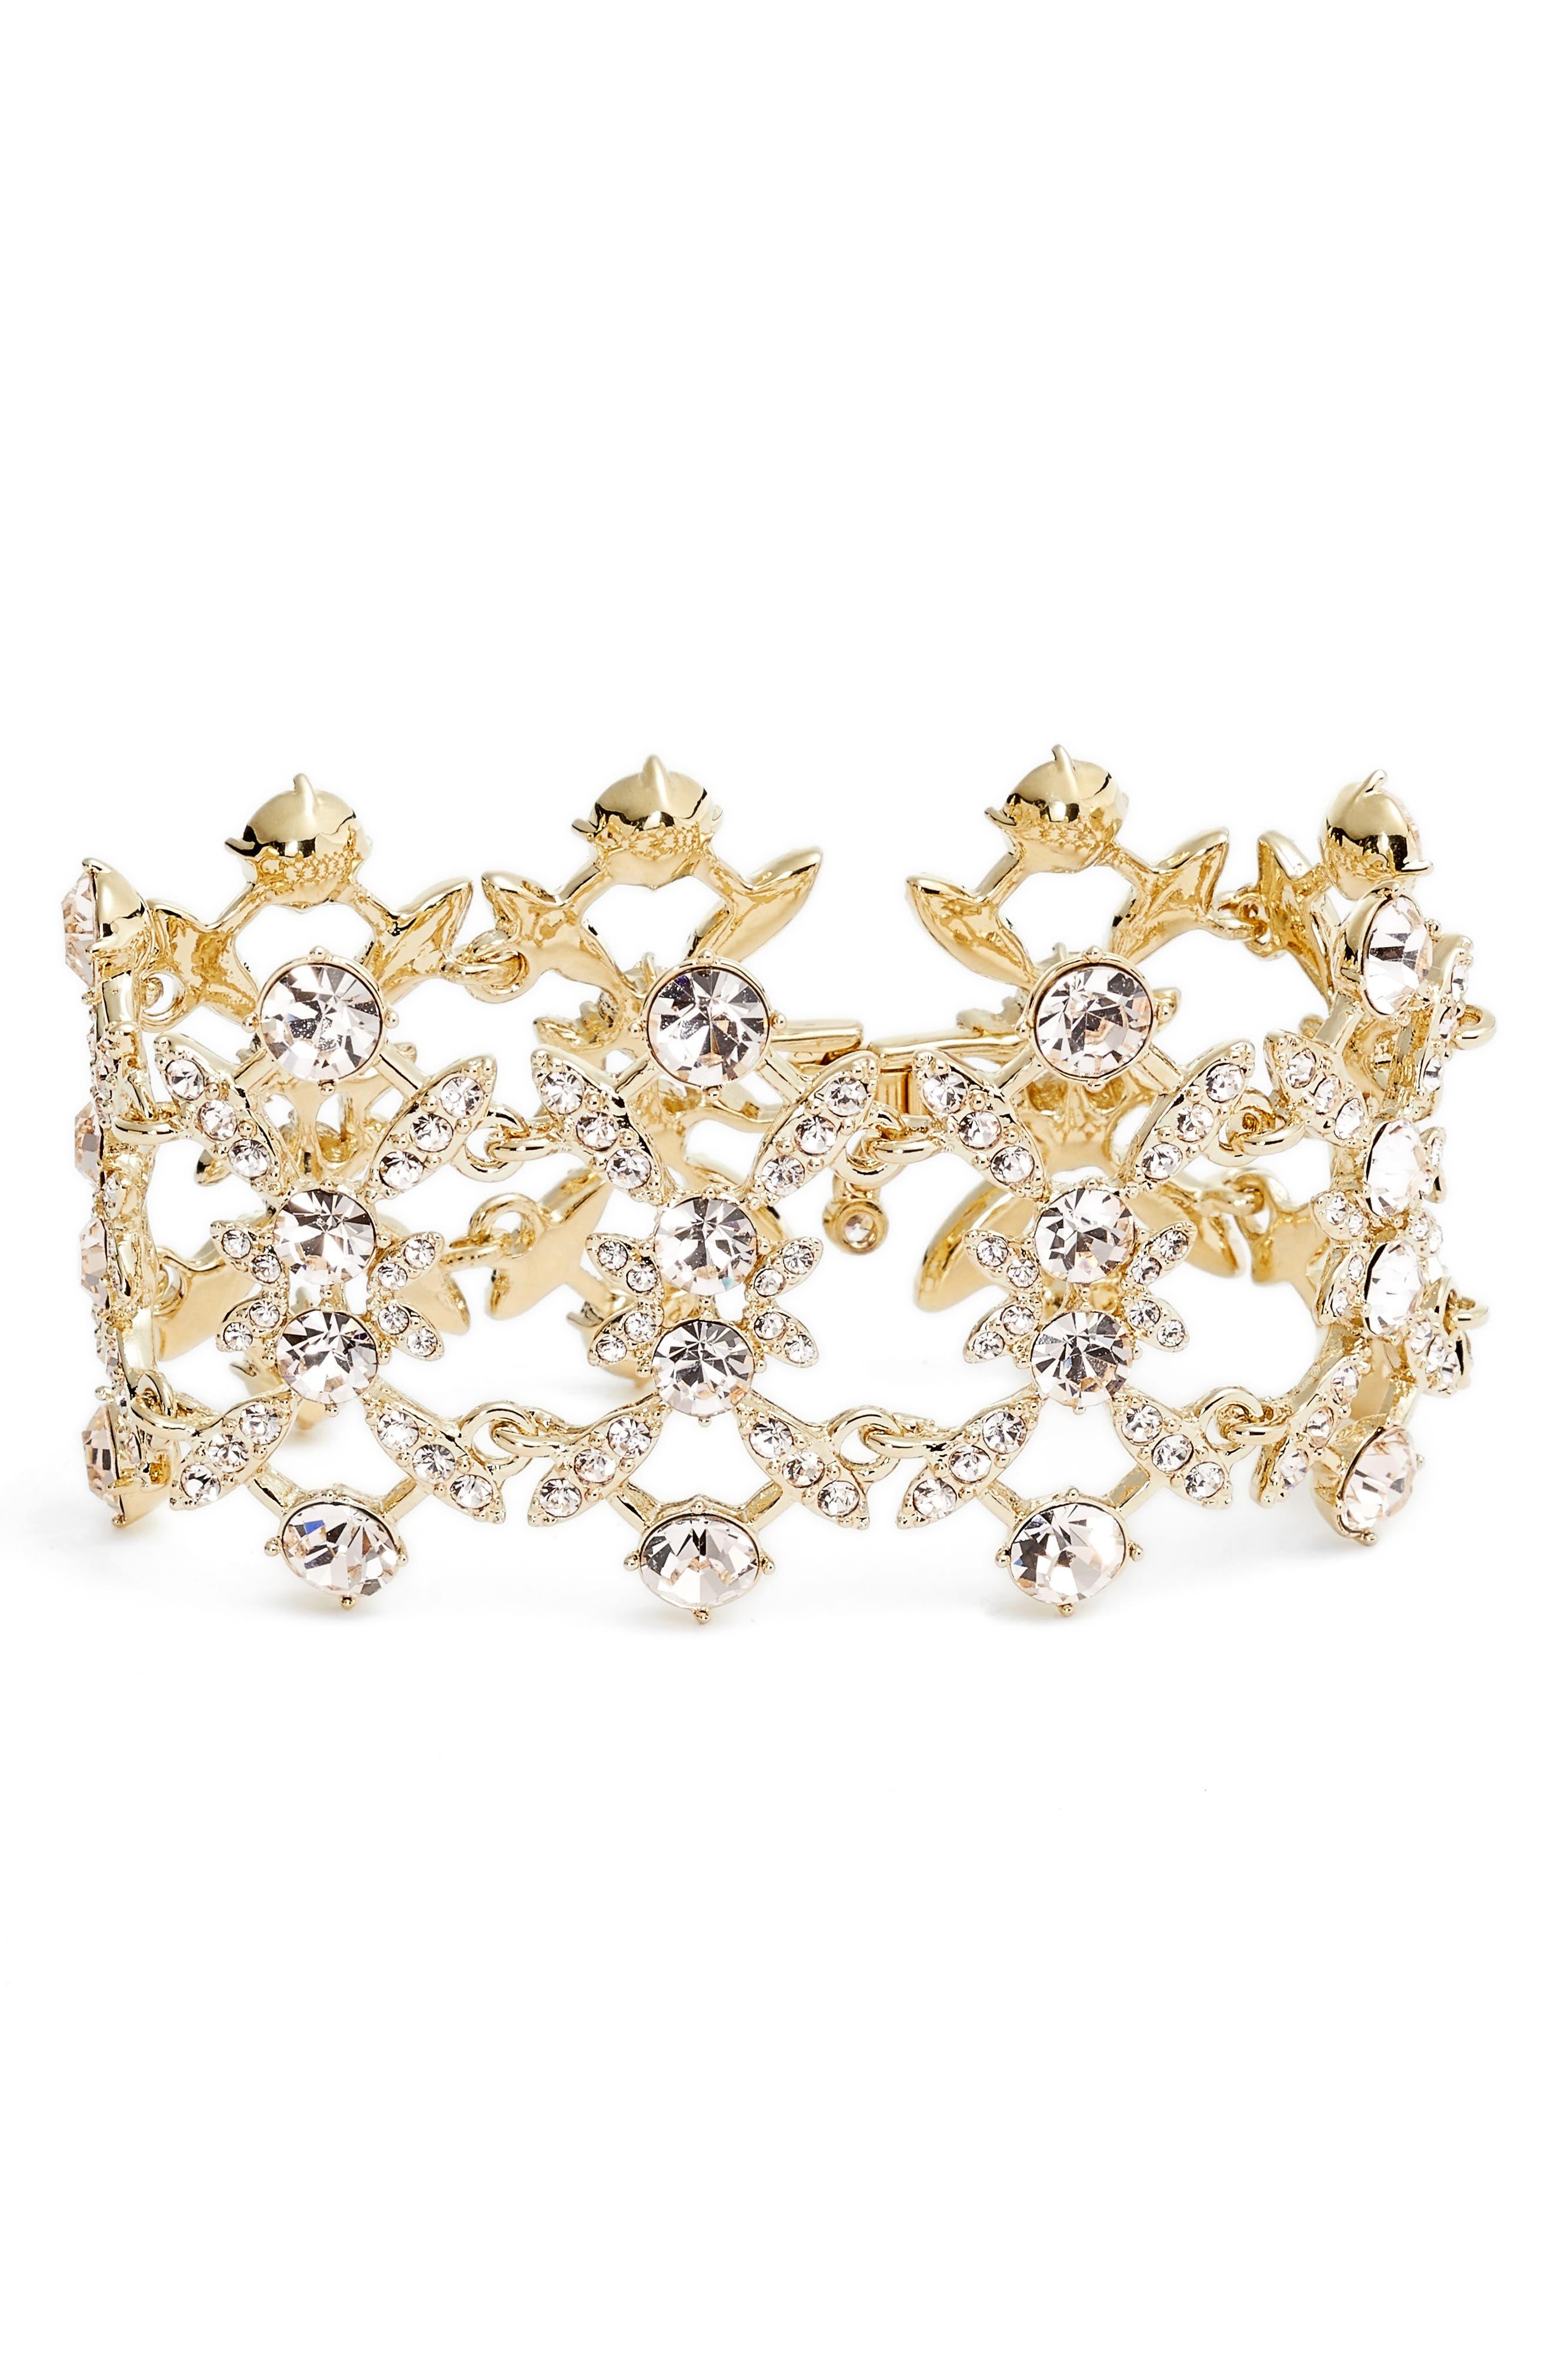 Givenchy Drama Crystal Bracelet